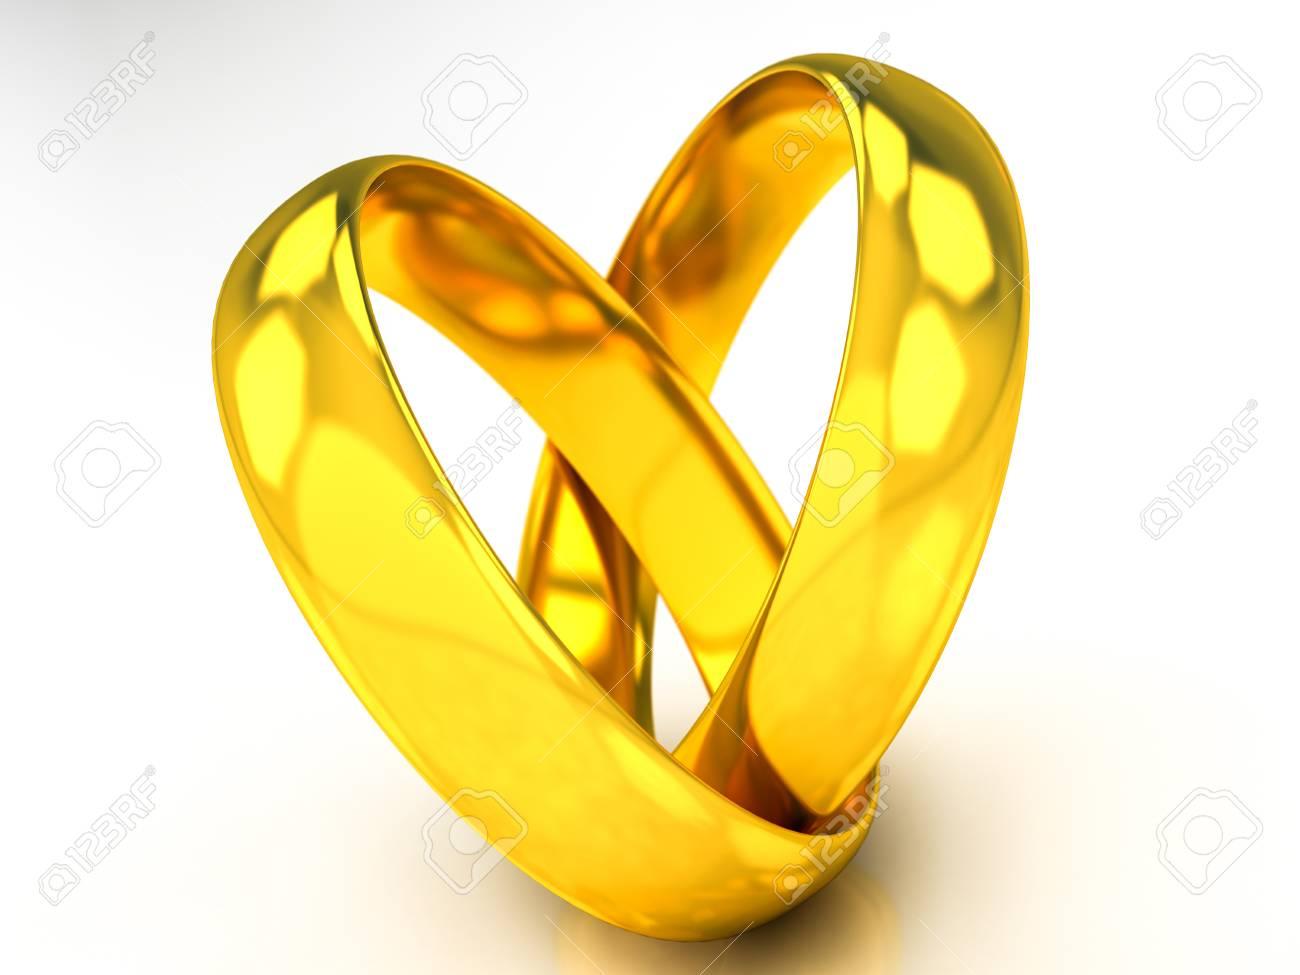 Goldene Hochzeit Ringe Auf Einem Weissen Hintergrund Lizenzfreie